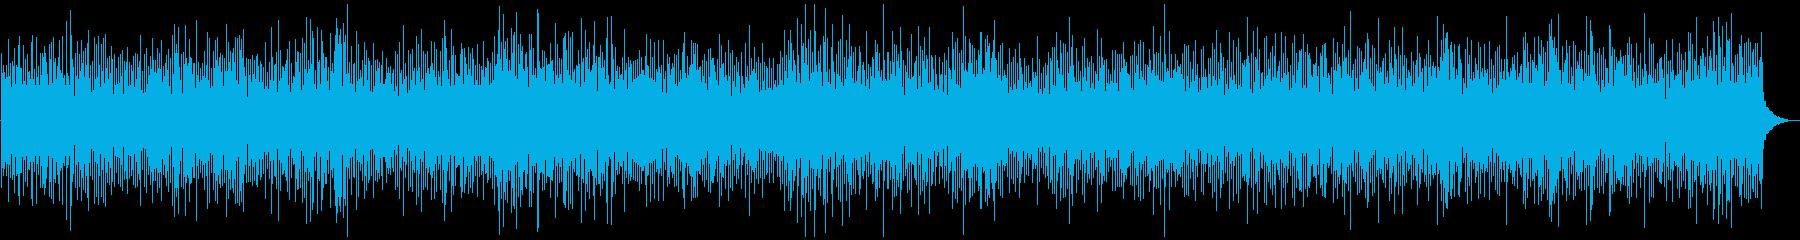 陽気なアコーディオン、ブルーグラスの再生済みの波形